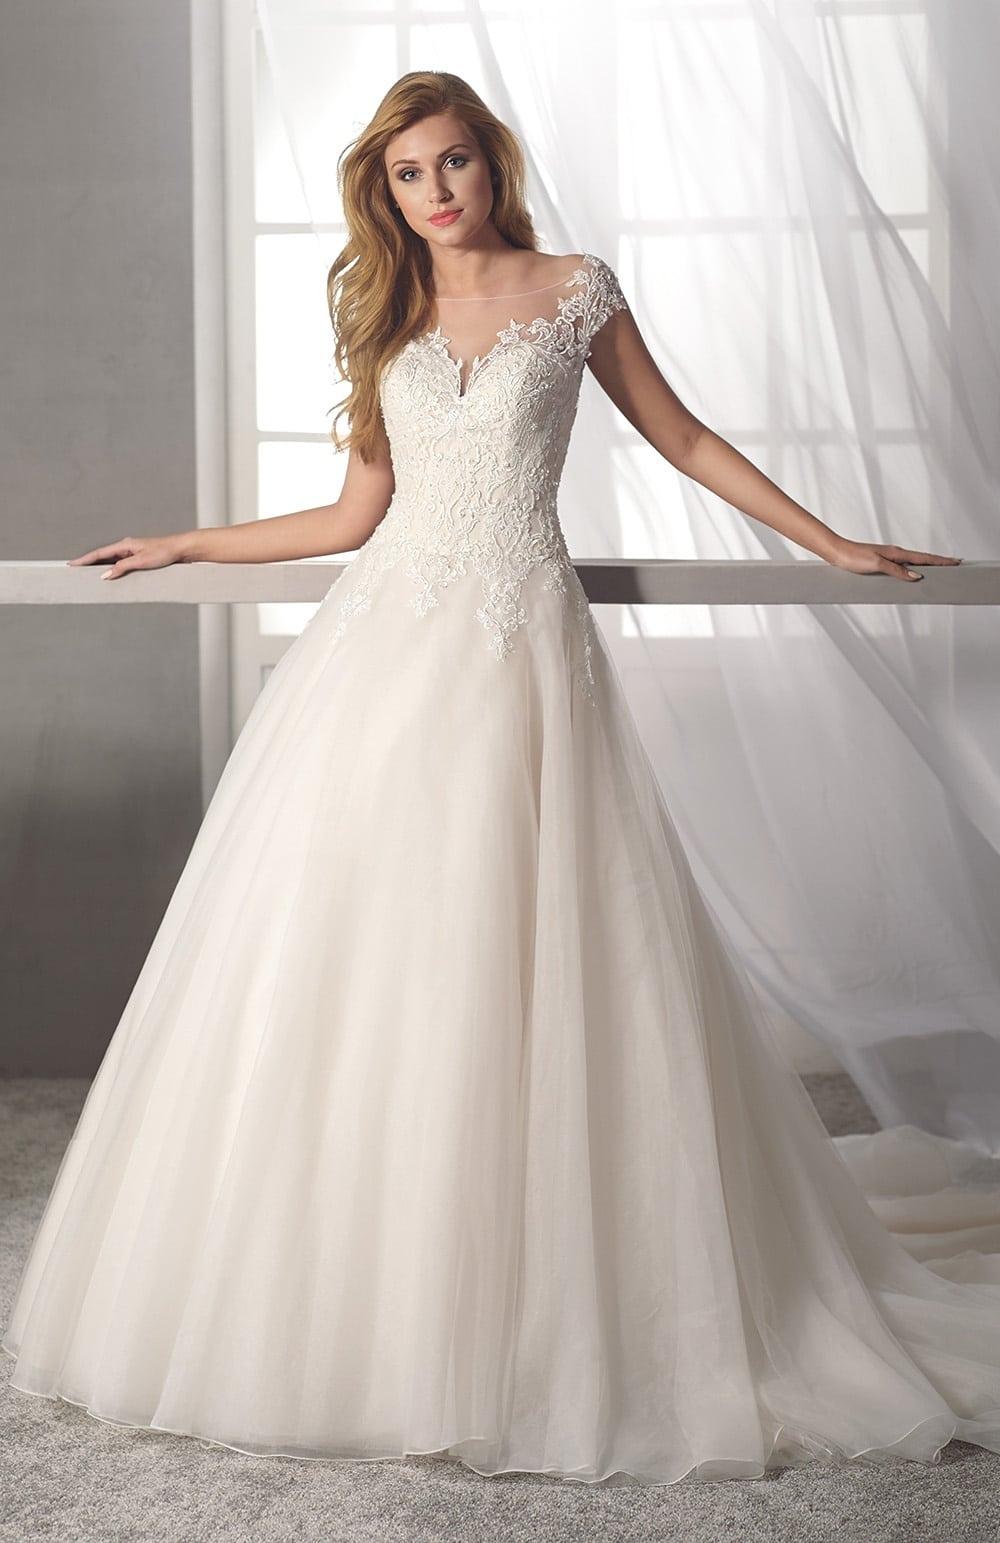 Robe de mariée Modèle Florence – 5473